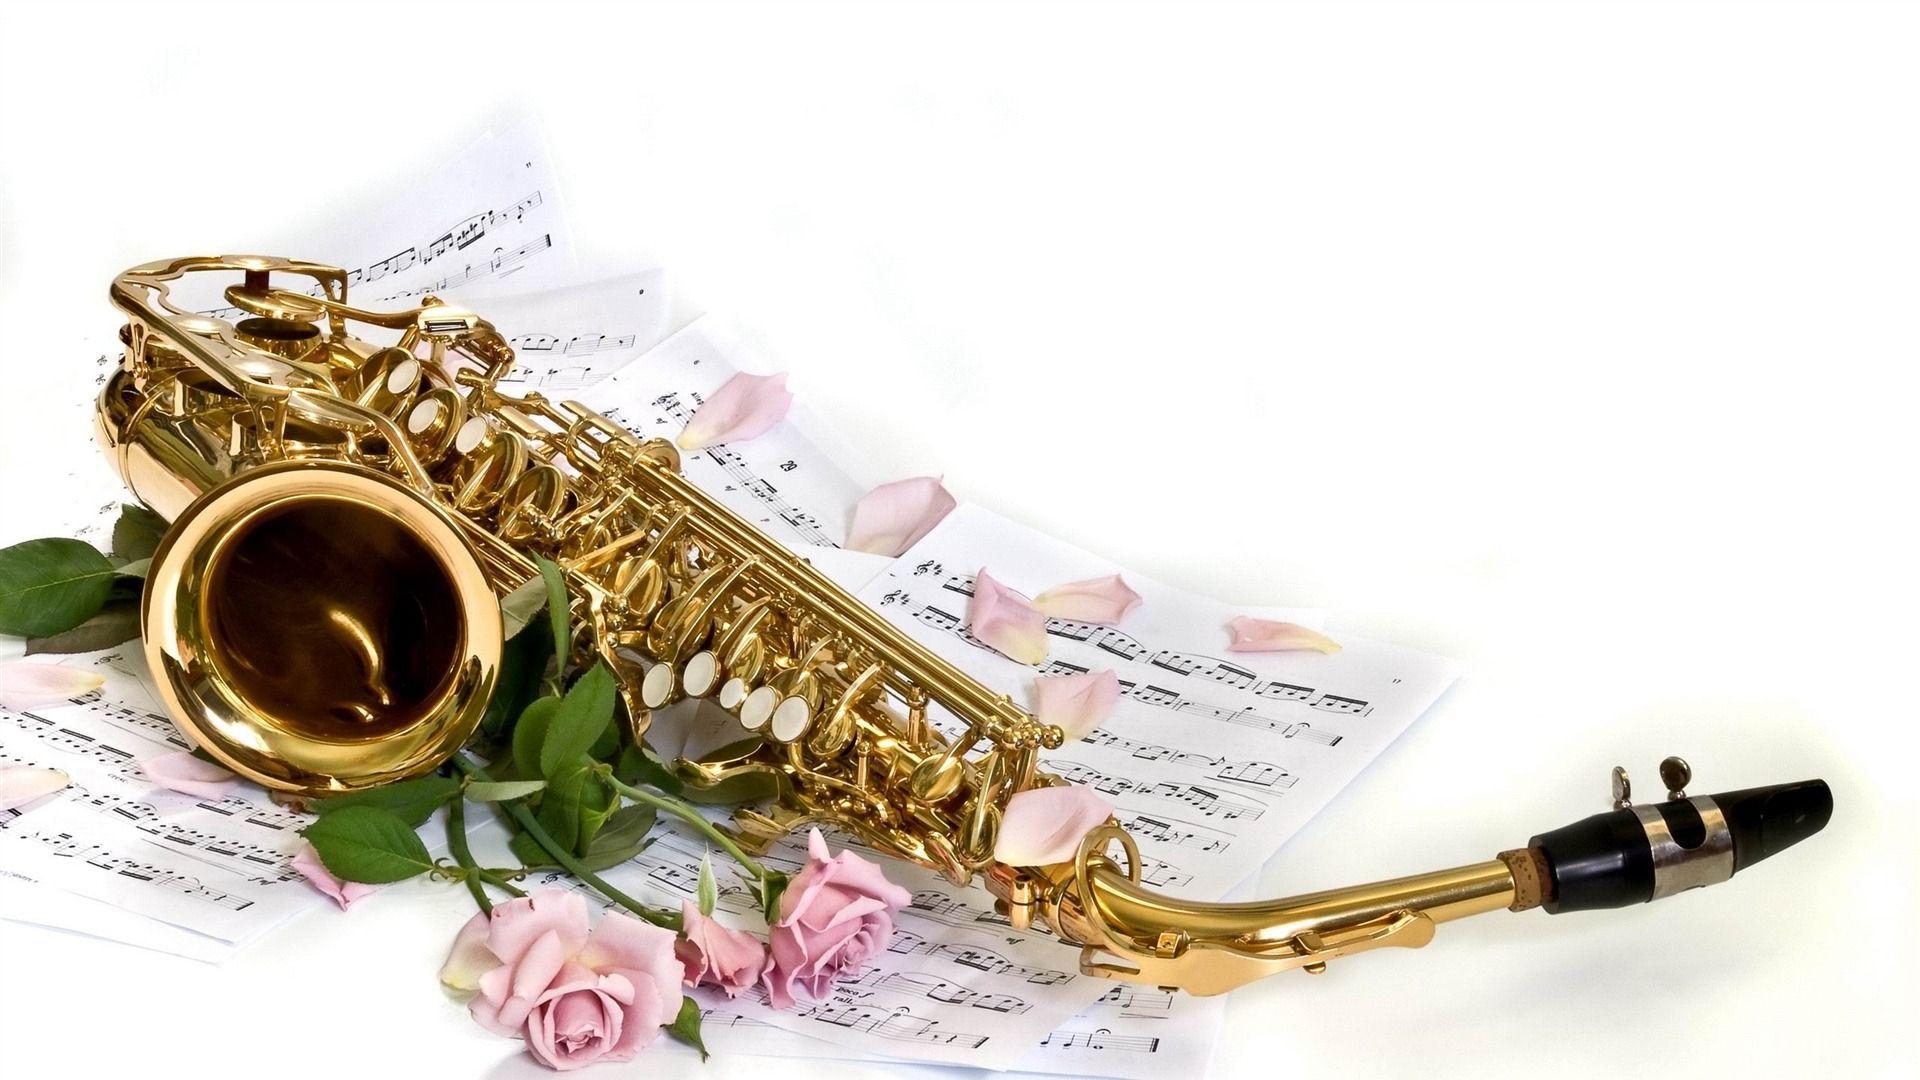 Saxophone Background Stock Image - Image: 4221901